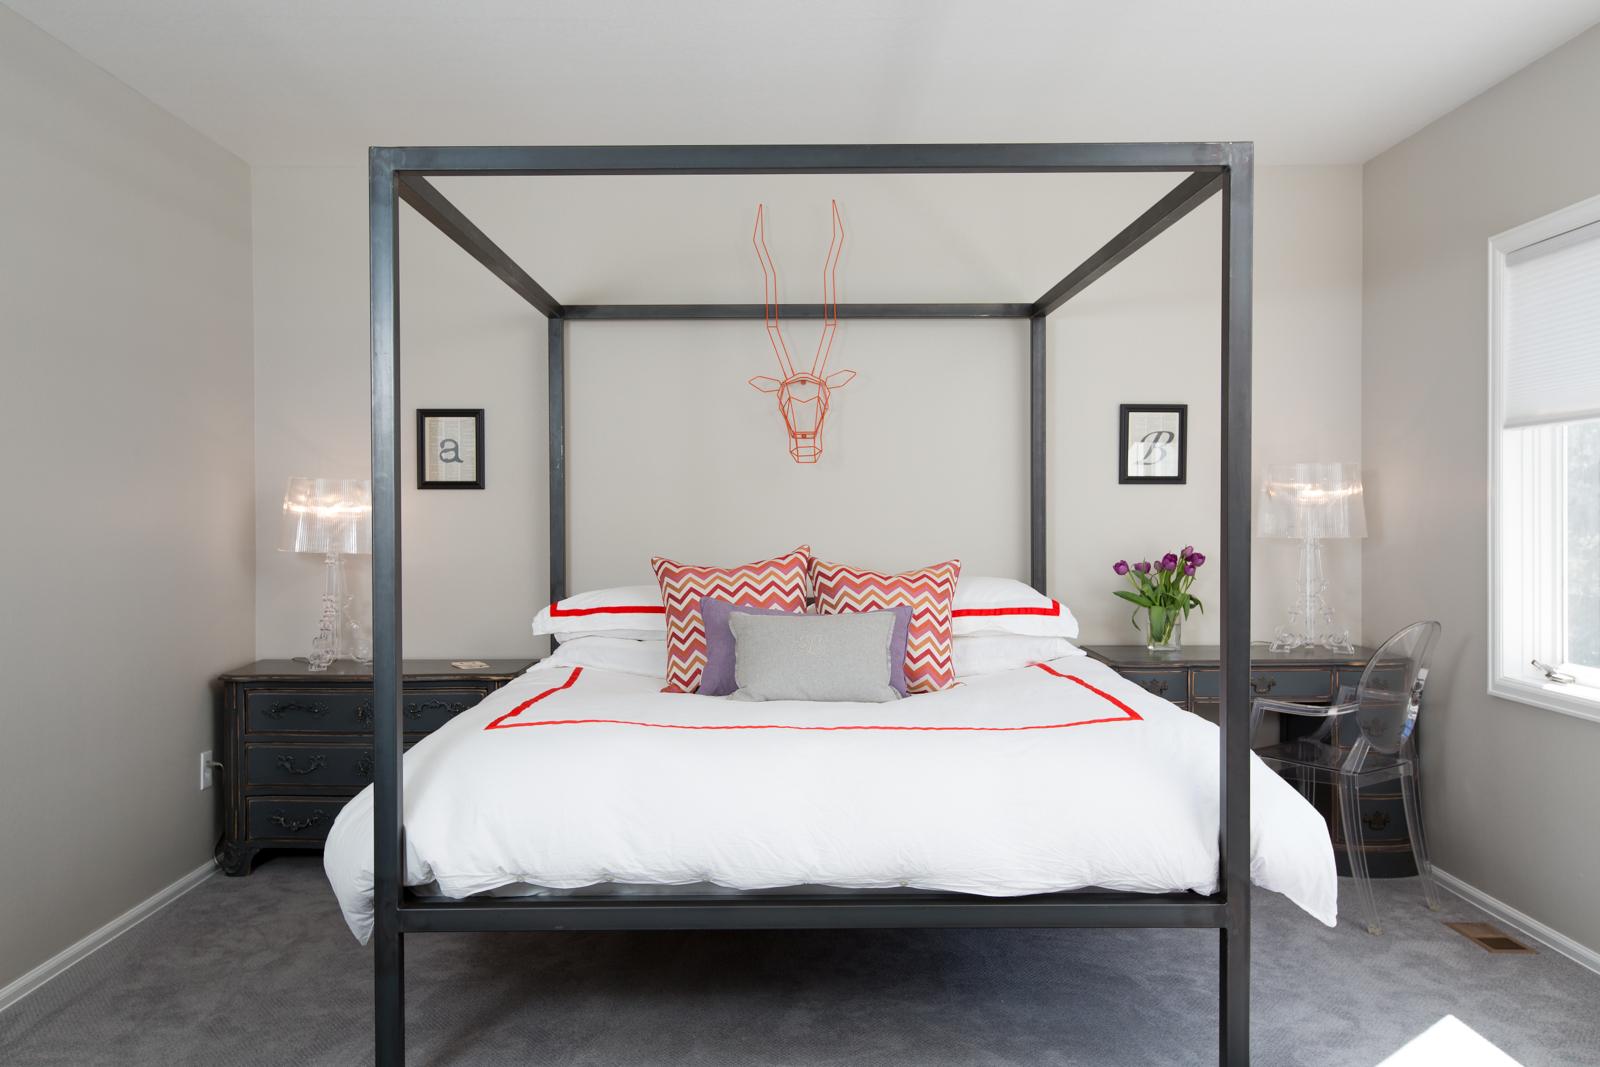 Master_bedroom-3128704520-O.jpg